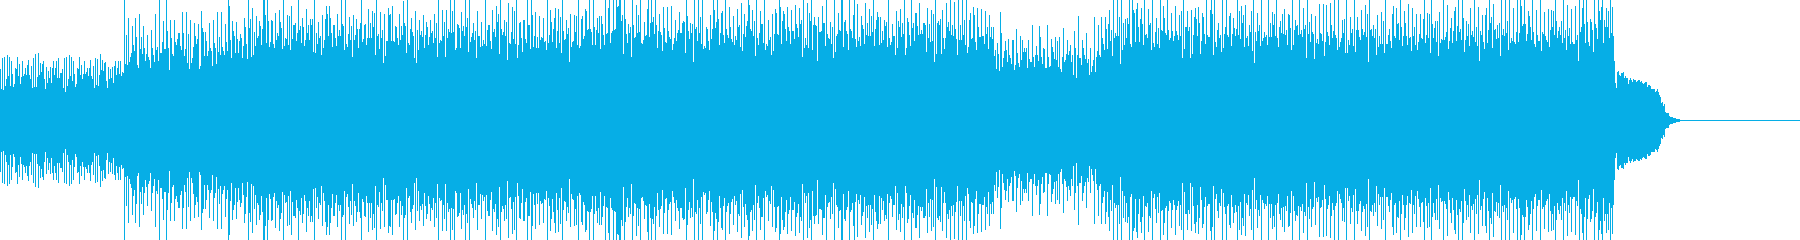 攻撃的なブレイクビーツロックの再生済みの波形